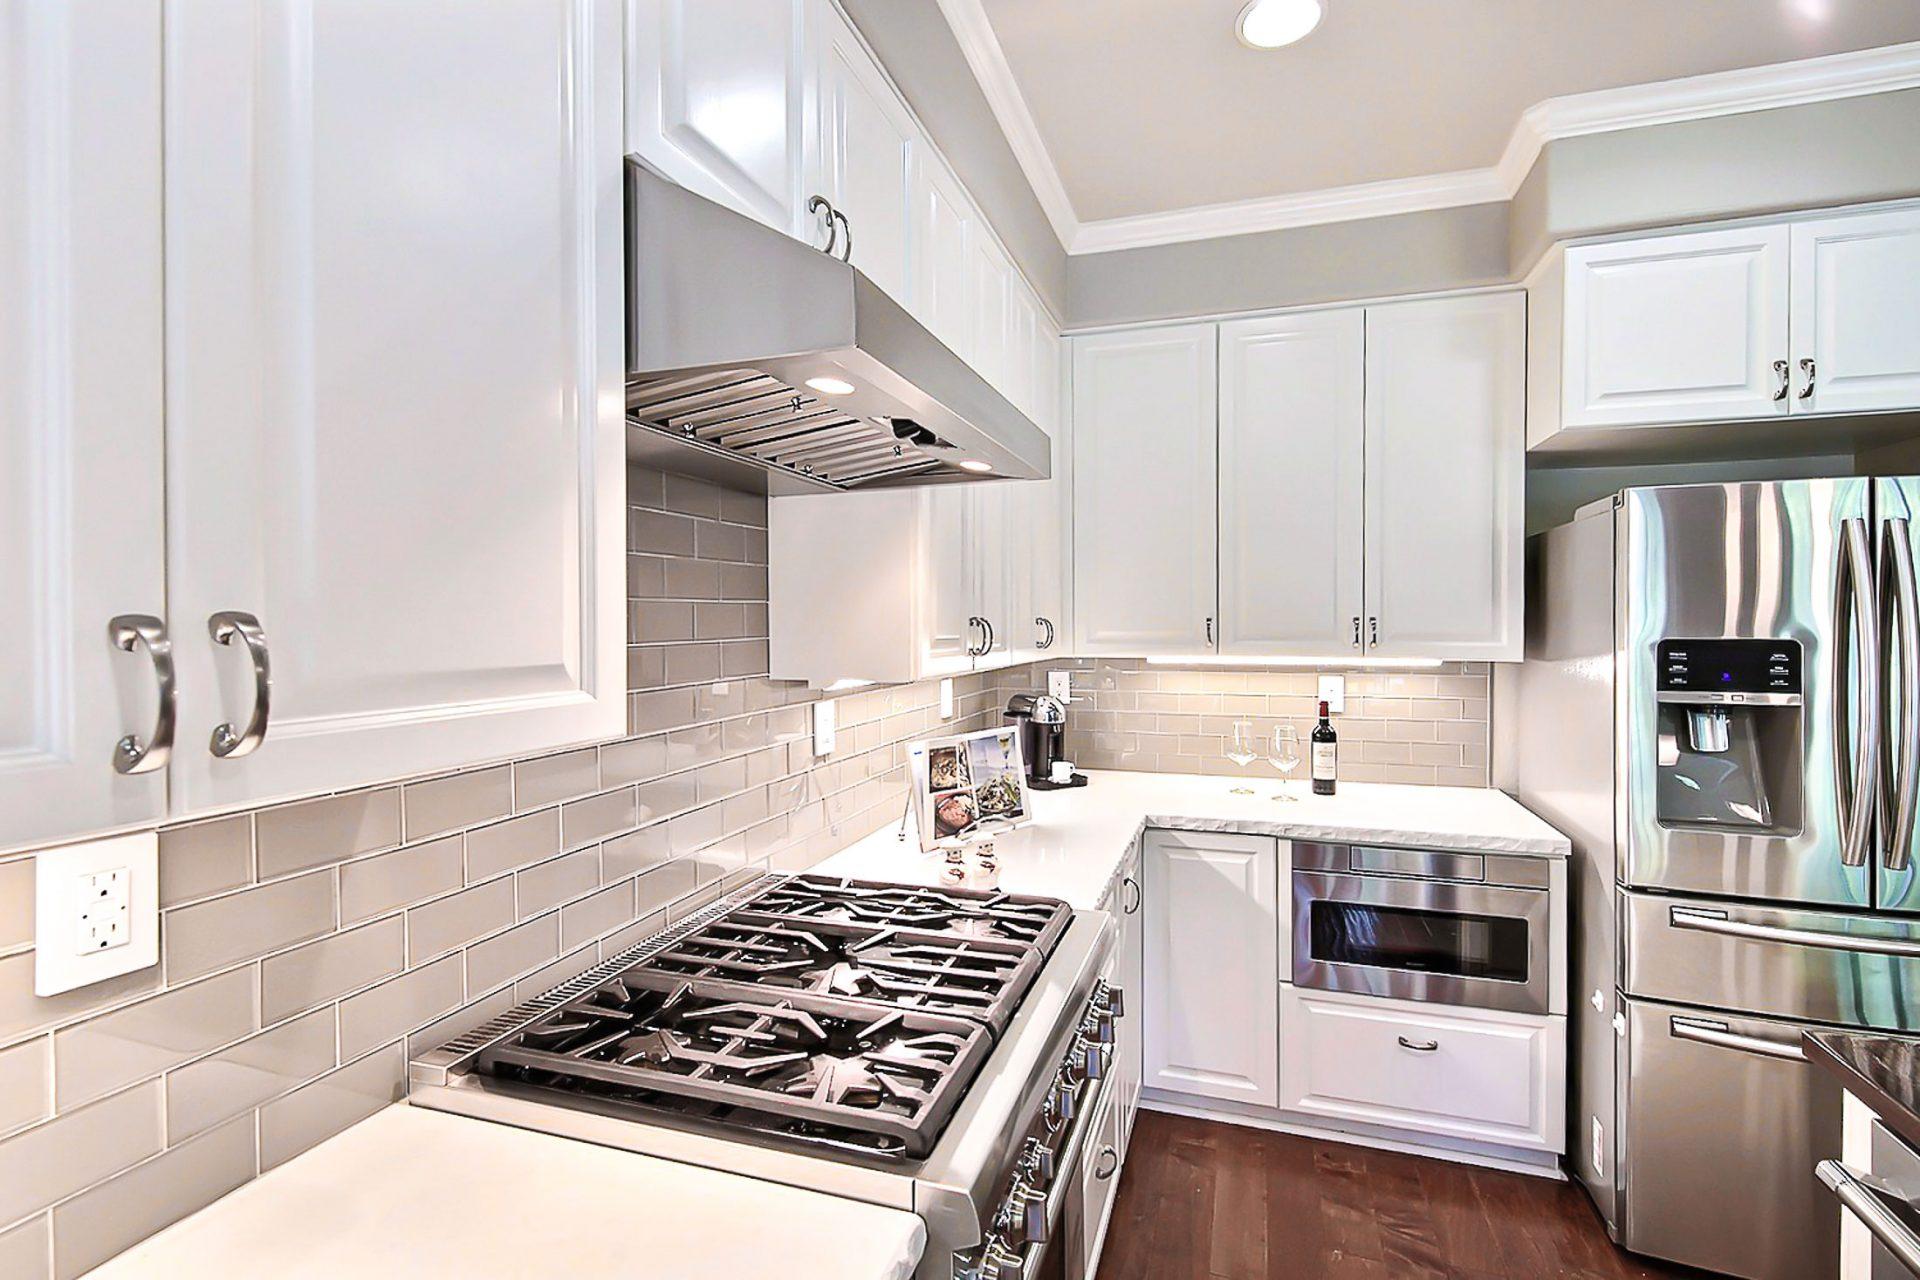 New kitchen stove